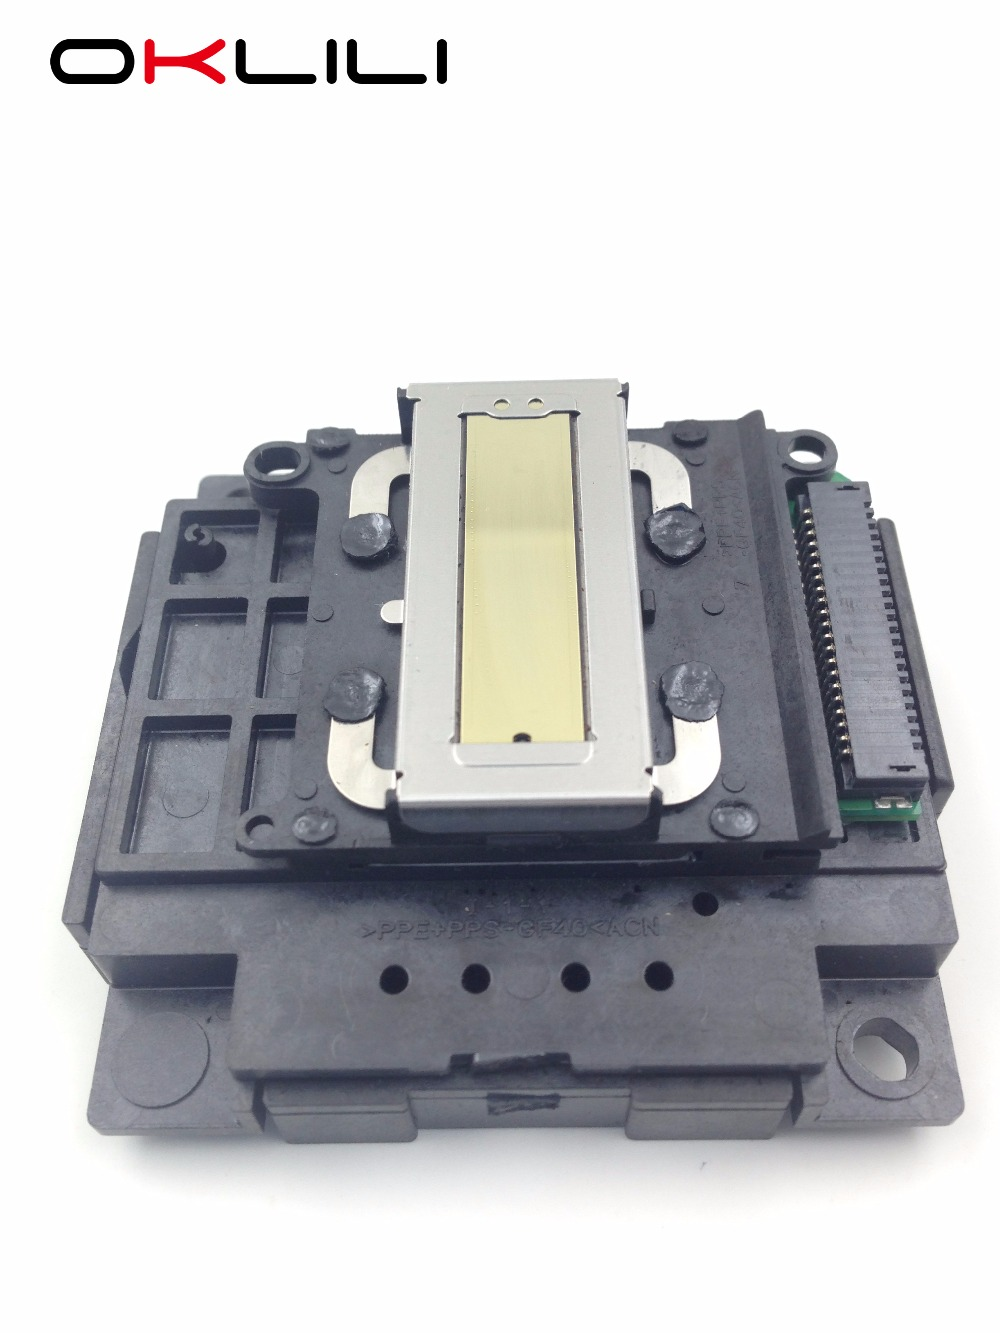 FA04000 FA04010 Басып шығару механизмінің баспа басы Epson WF-2010 WF-2510 WF-2520 WF-2530 WF-2540 ME401 ME303 WF2010 WF2510